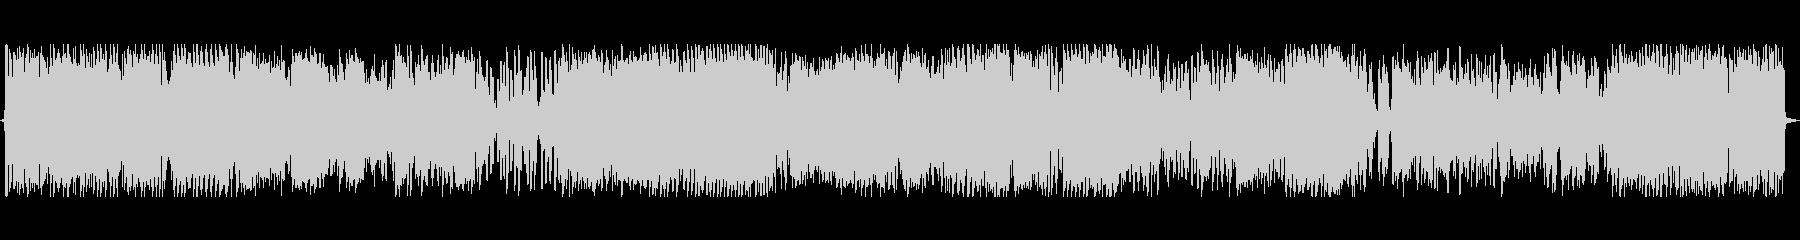 激しいビートのジングルの未再生の波形